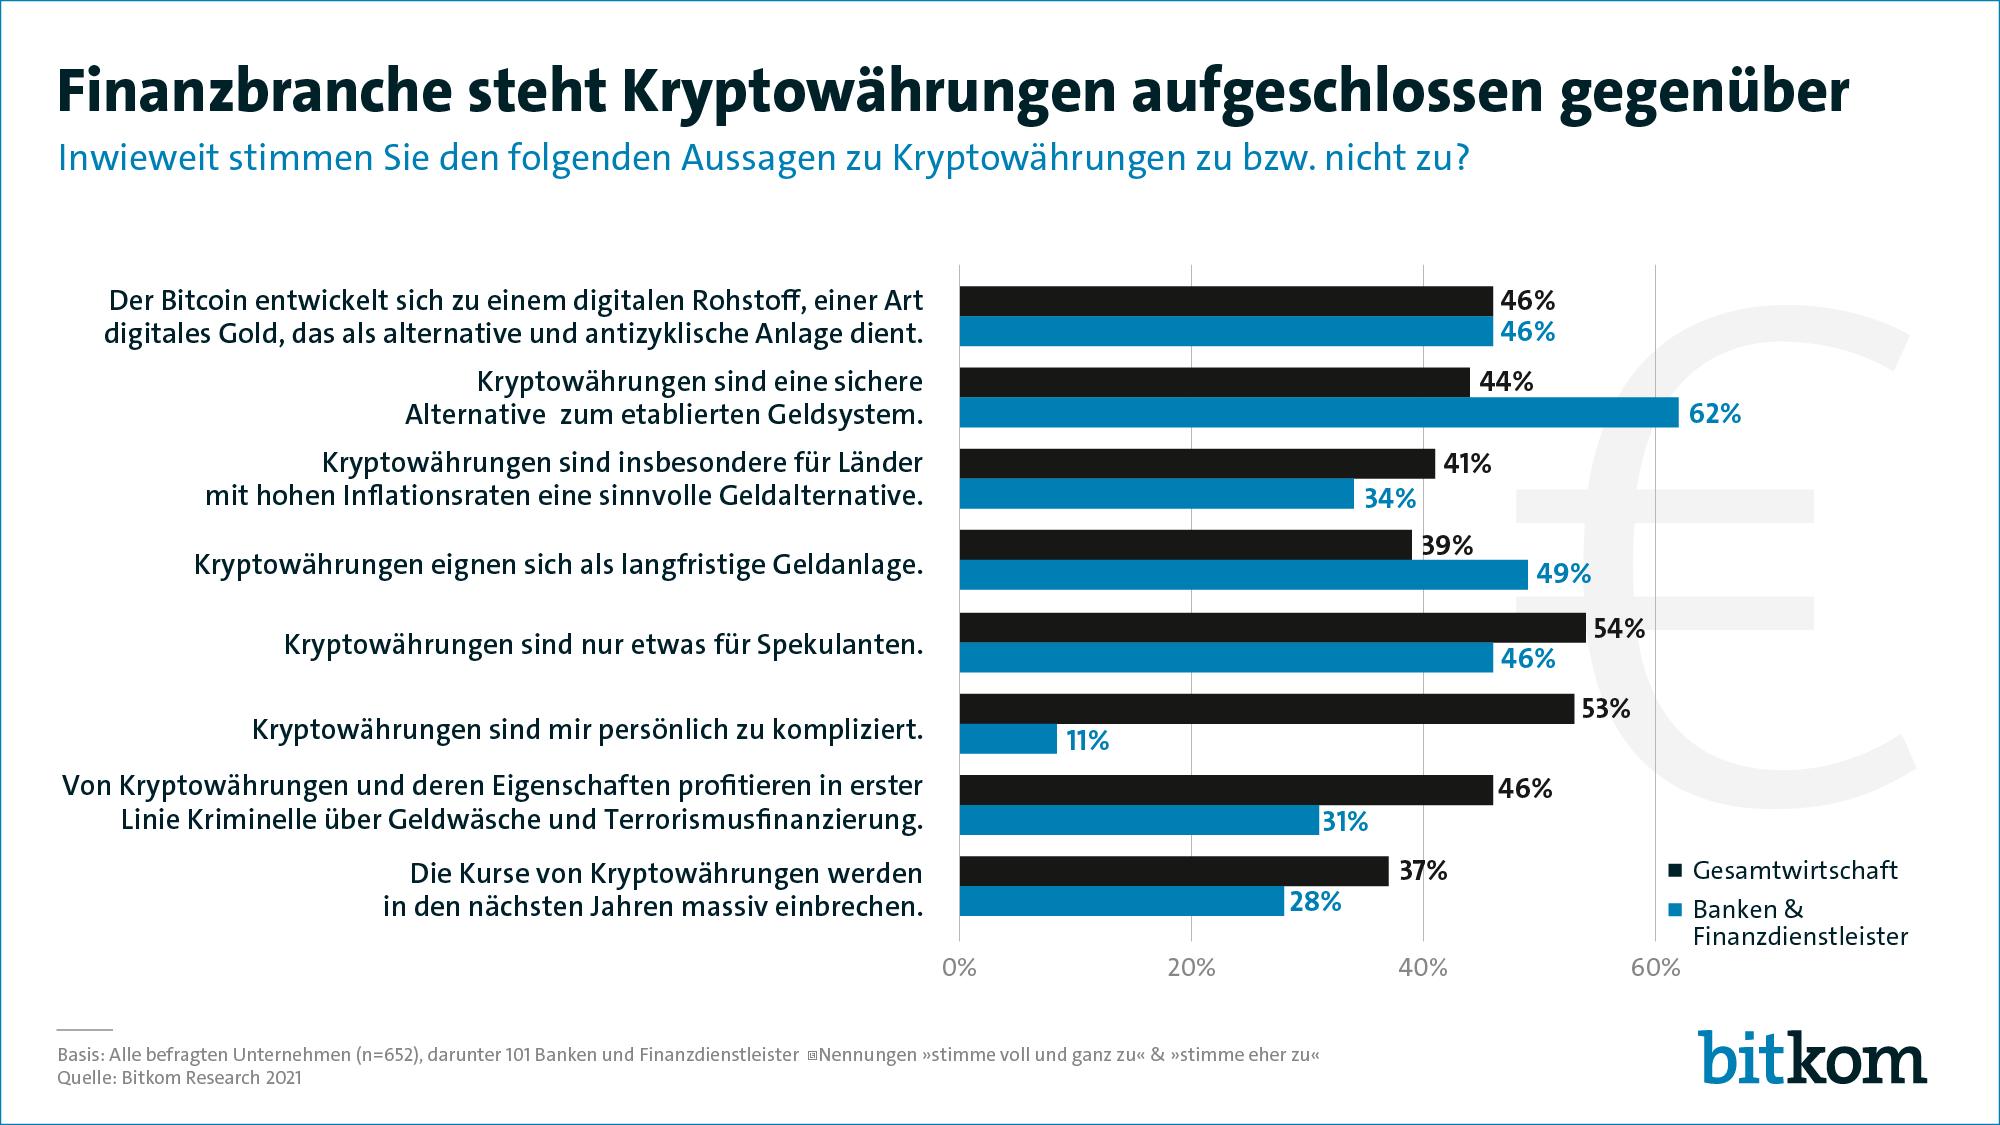 Umfrage unter deutschen Unternehmen zu Kryptowährungen (Quelle: bitkom)